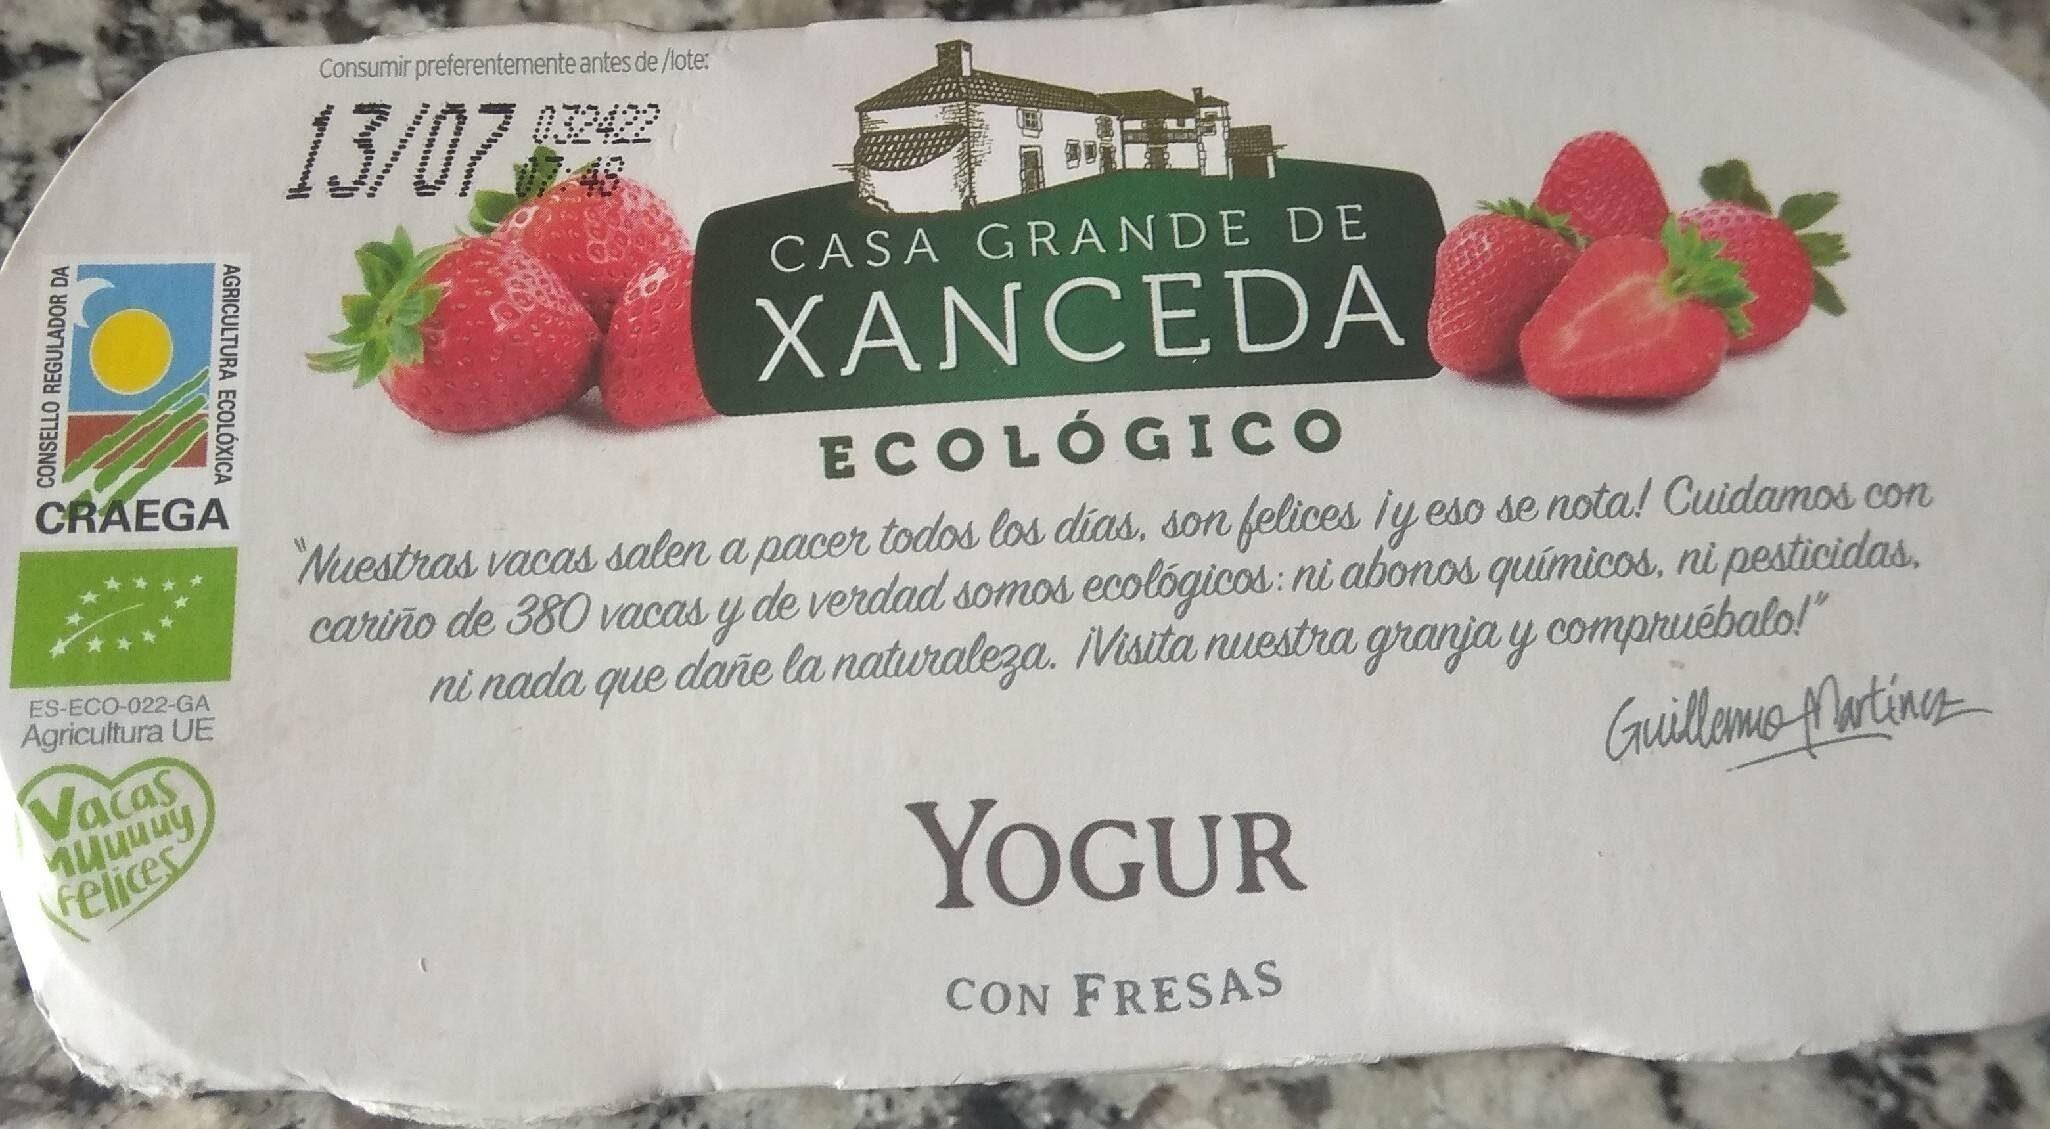 Yogur con fresas - Producto - es